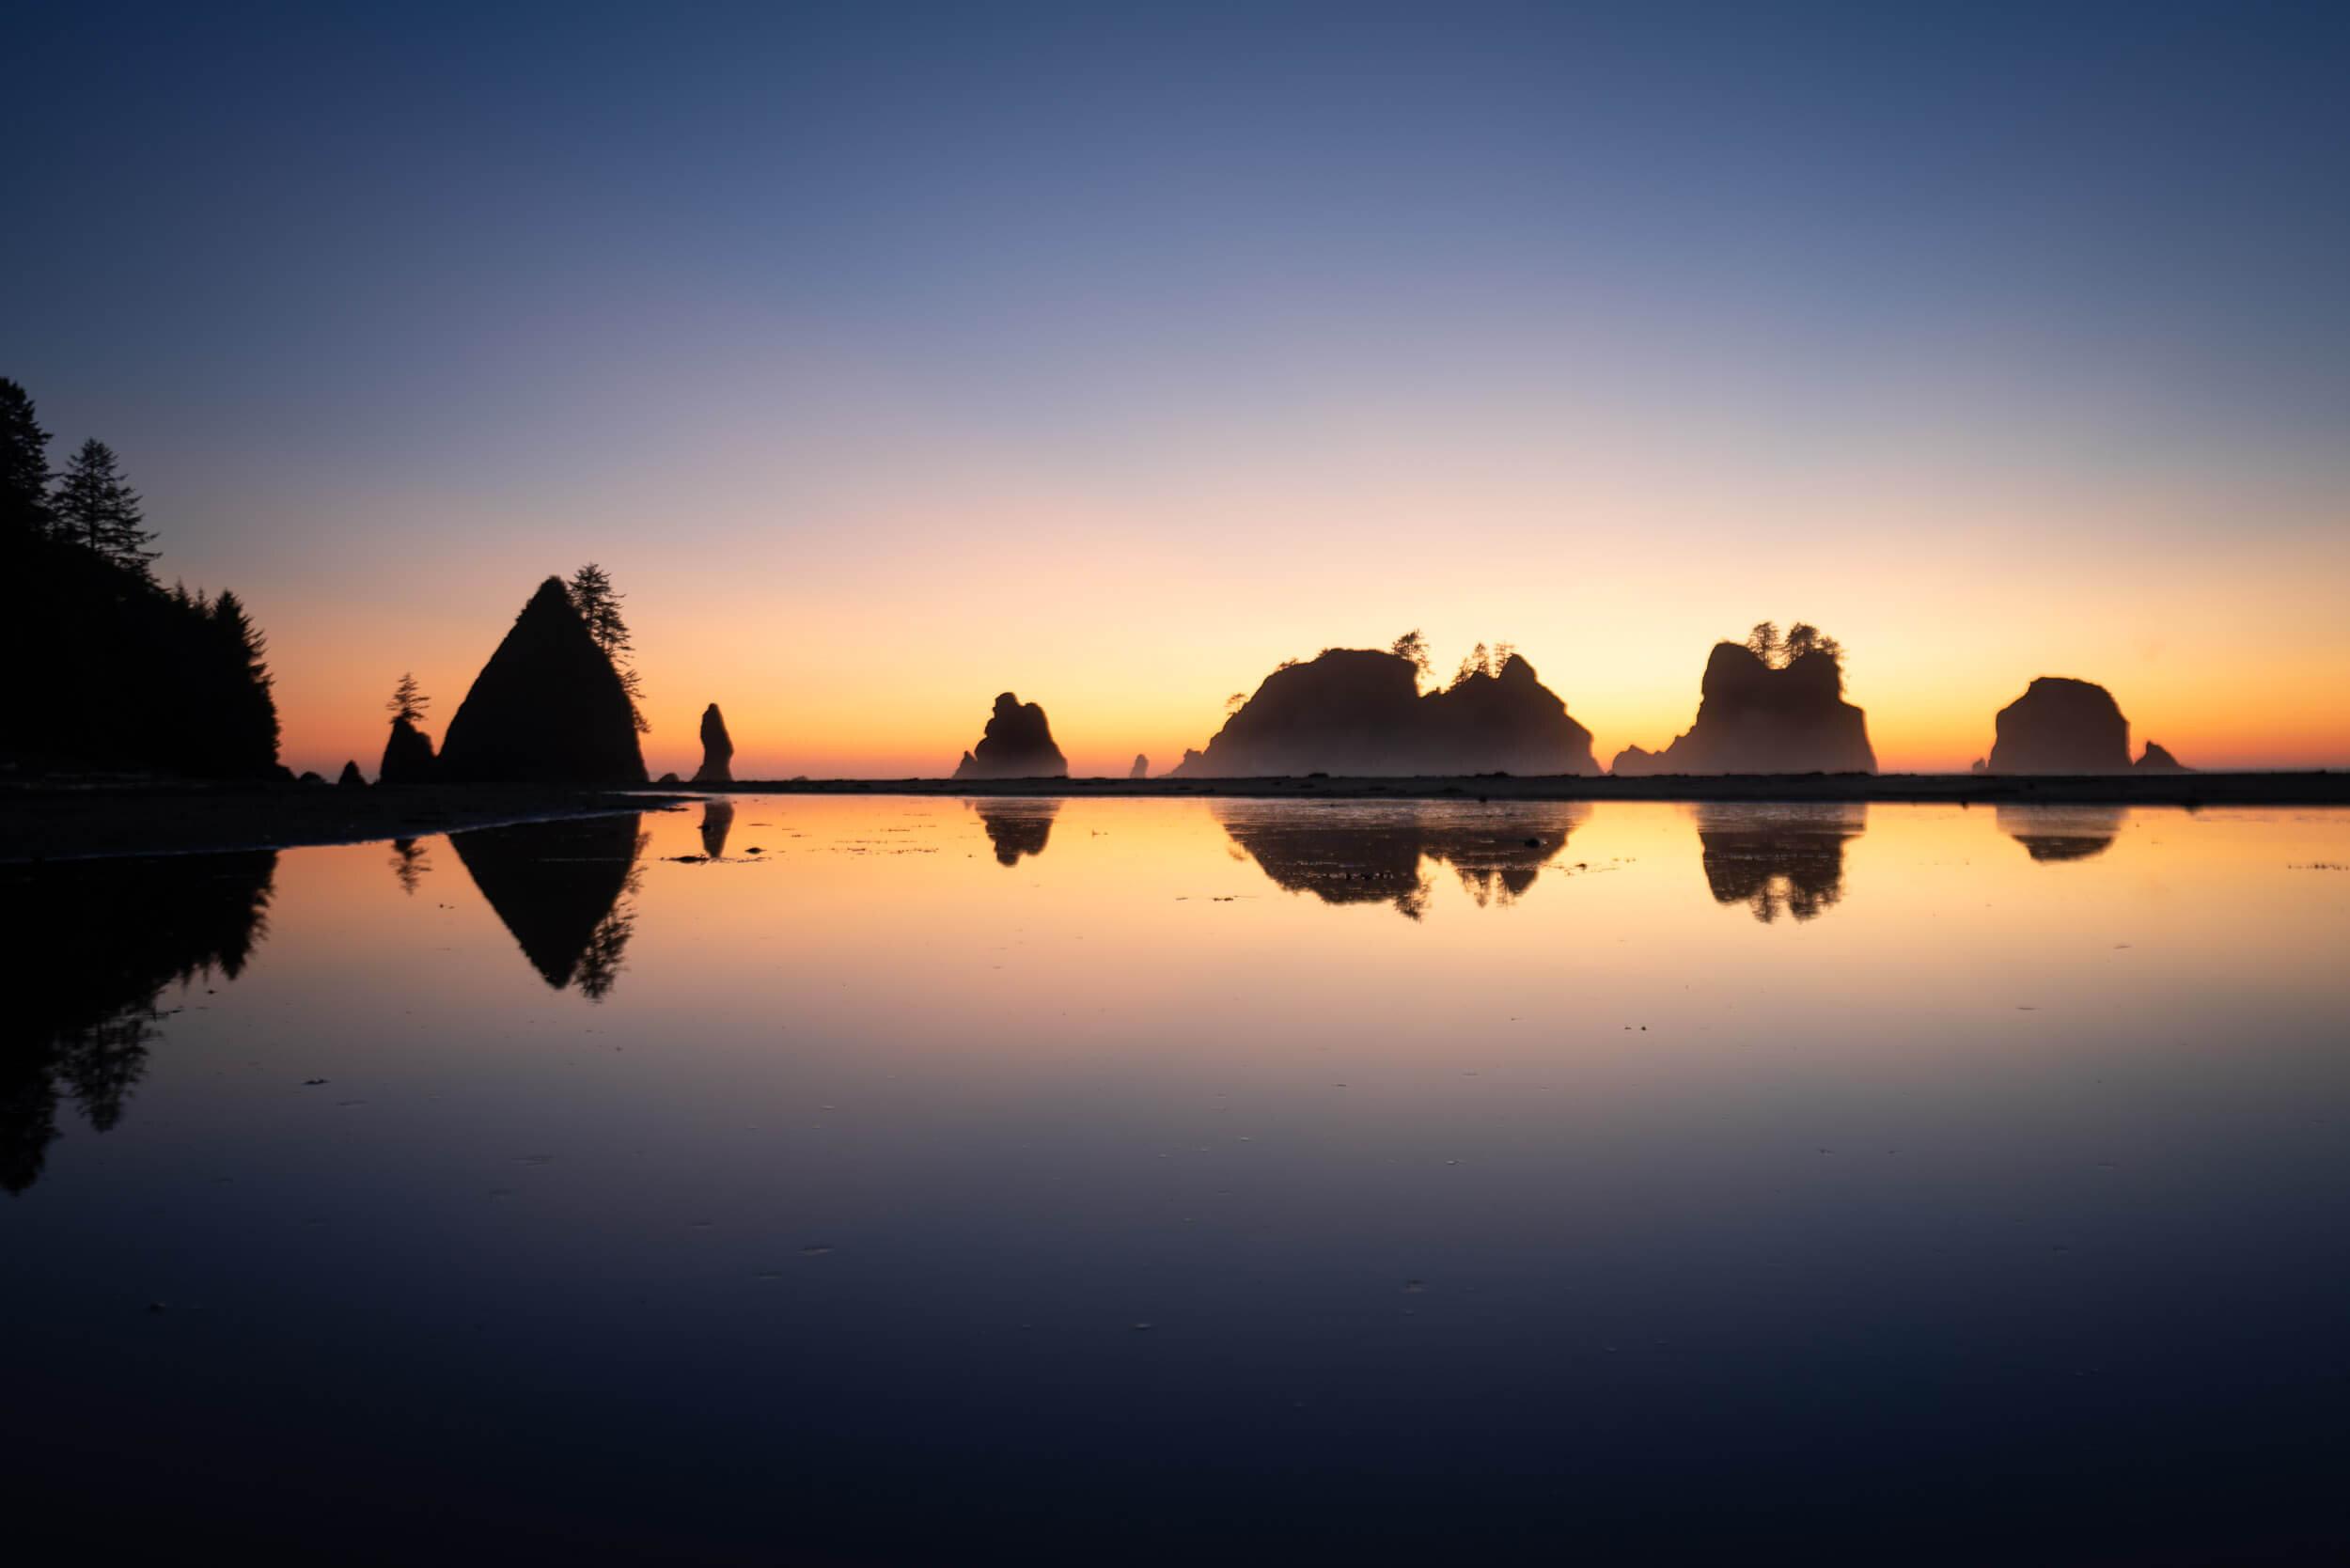 Sun set on Shi Shi beach in Washington State.